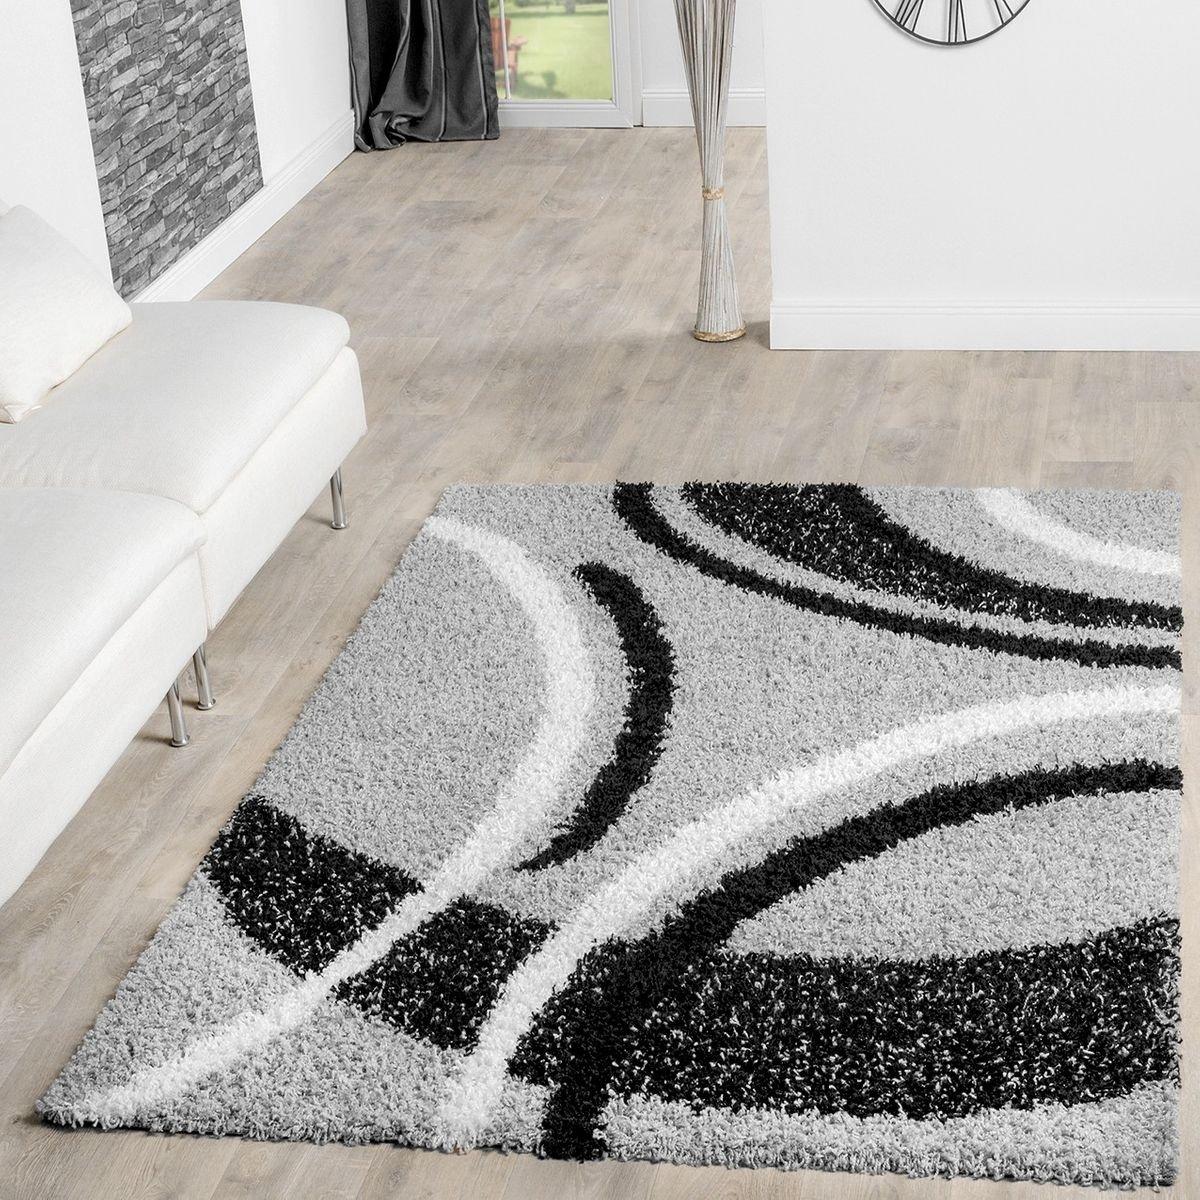 T&T Design Moderner Hochflor Teppich Shaggy Vigo Gemustert in Grau Schwarz Creme Top Preis , Größe 240x320 cm